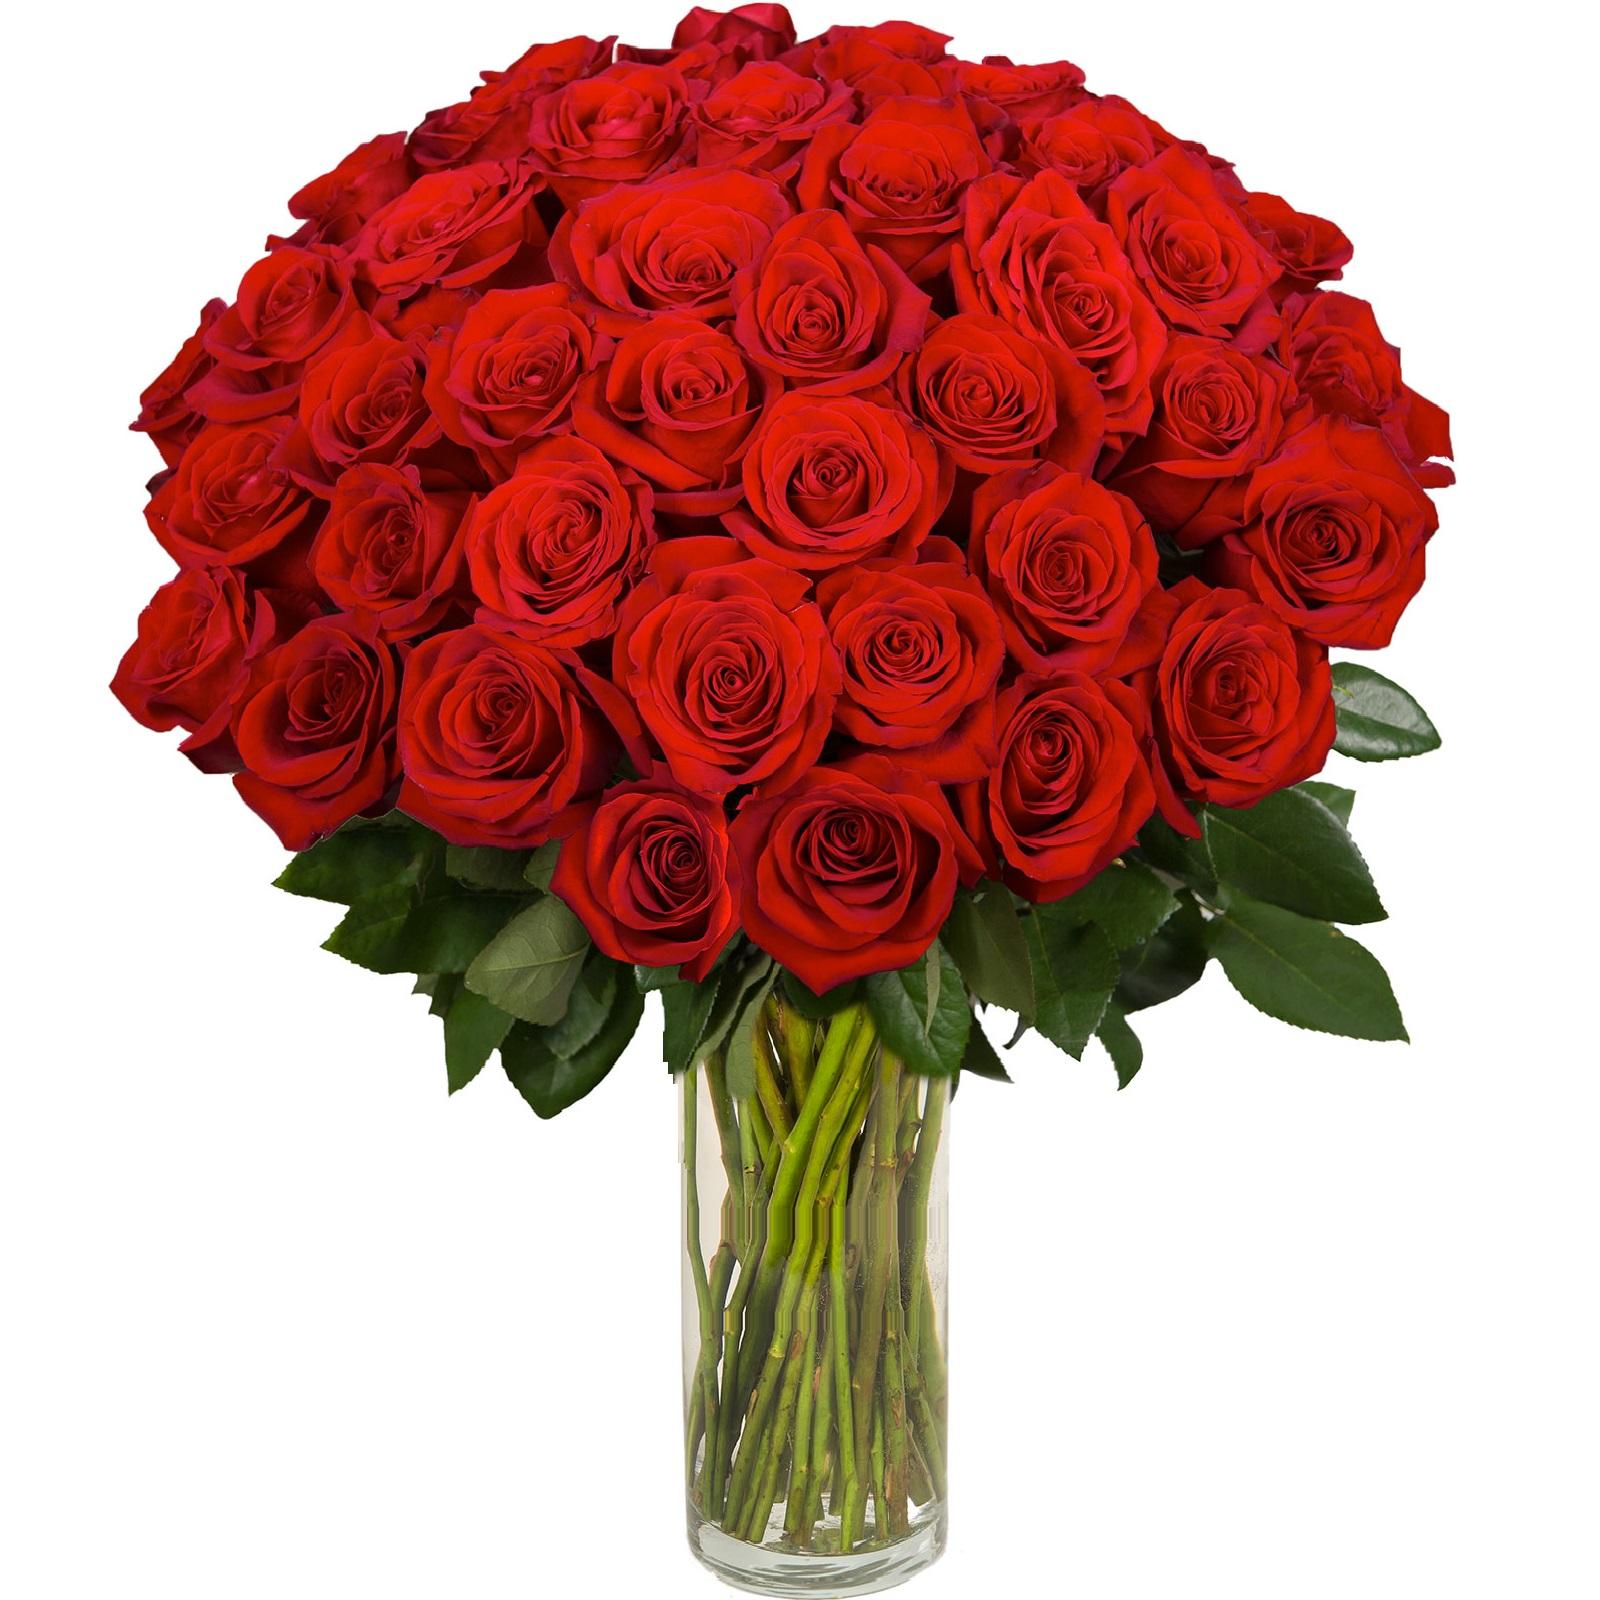 enviar 42 rosas rojas enviar rosas a domicilio floresfrescascom - Imagenes De Ramos De Flores